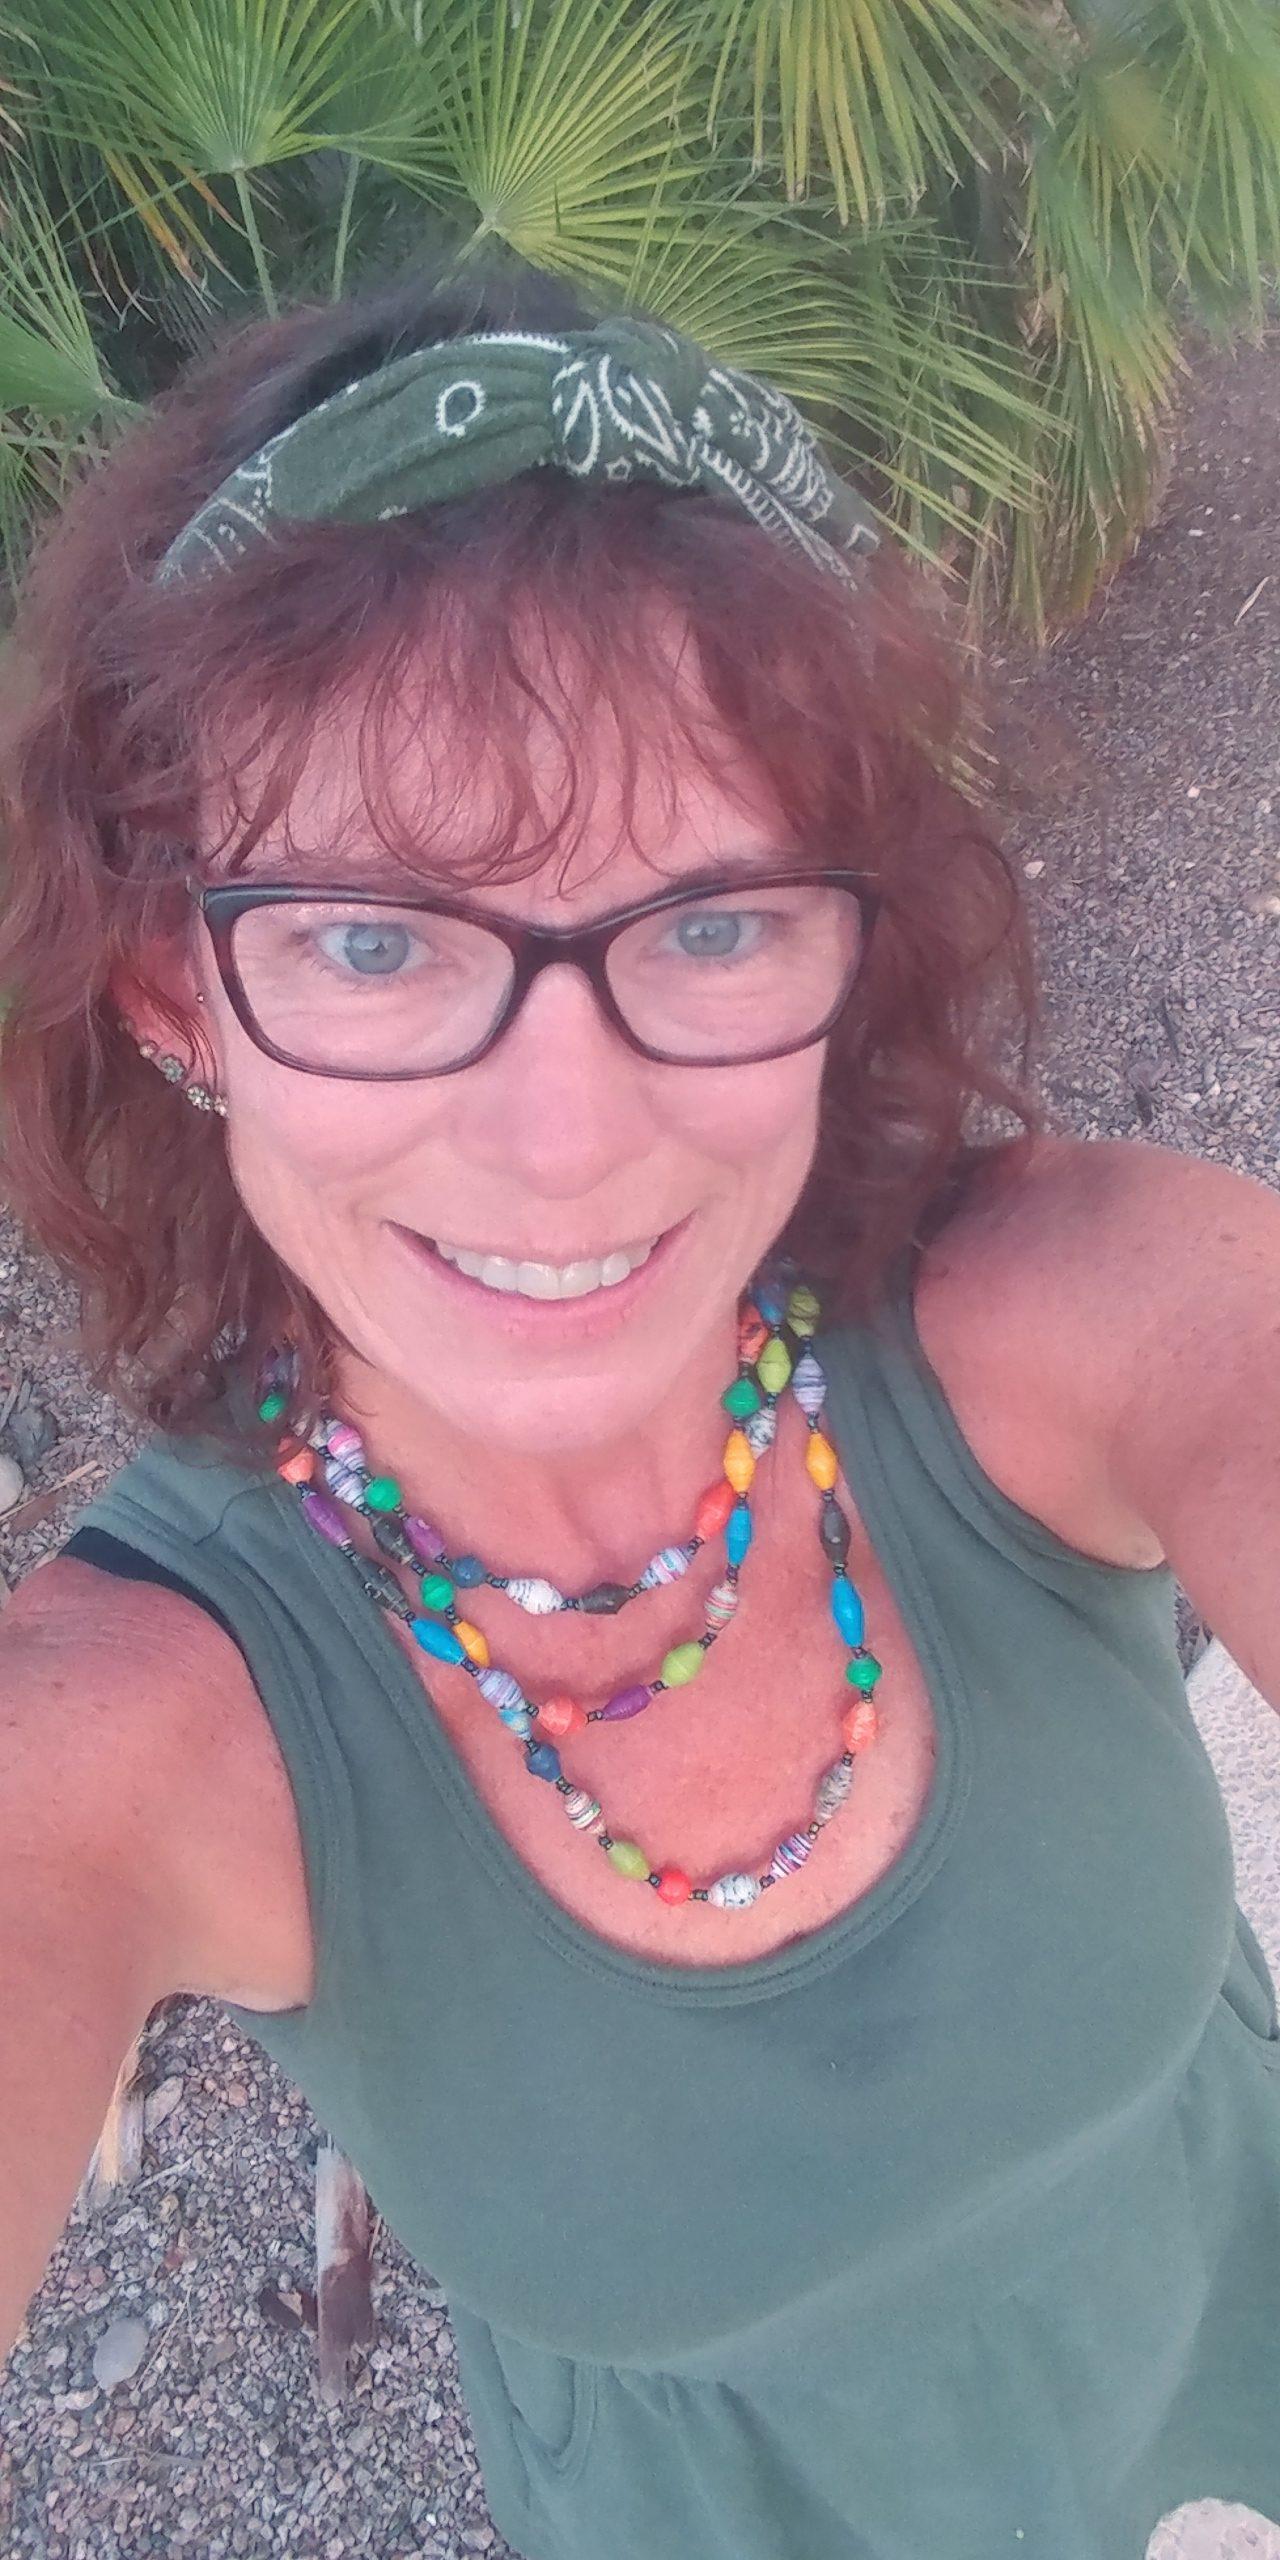 Cheryl In Green Sundress